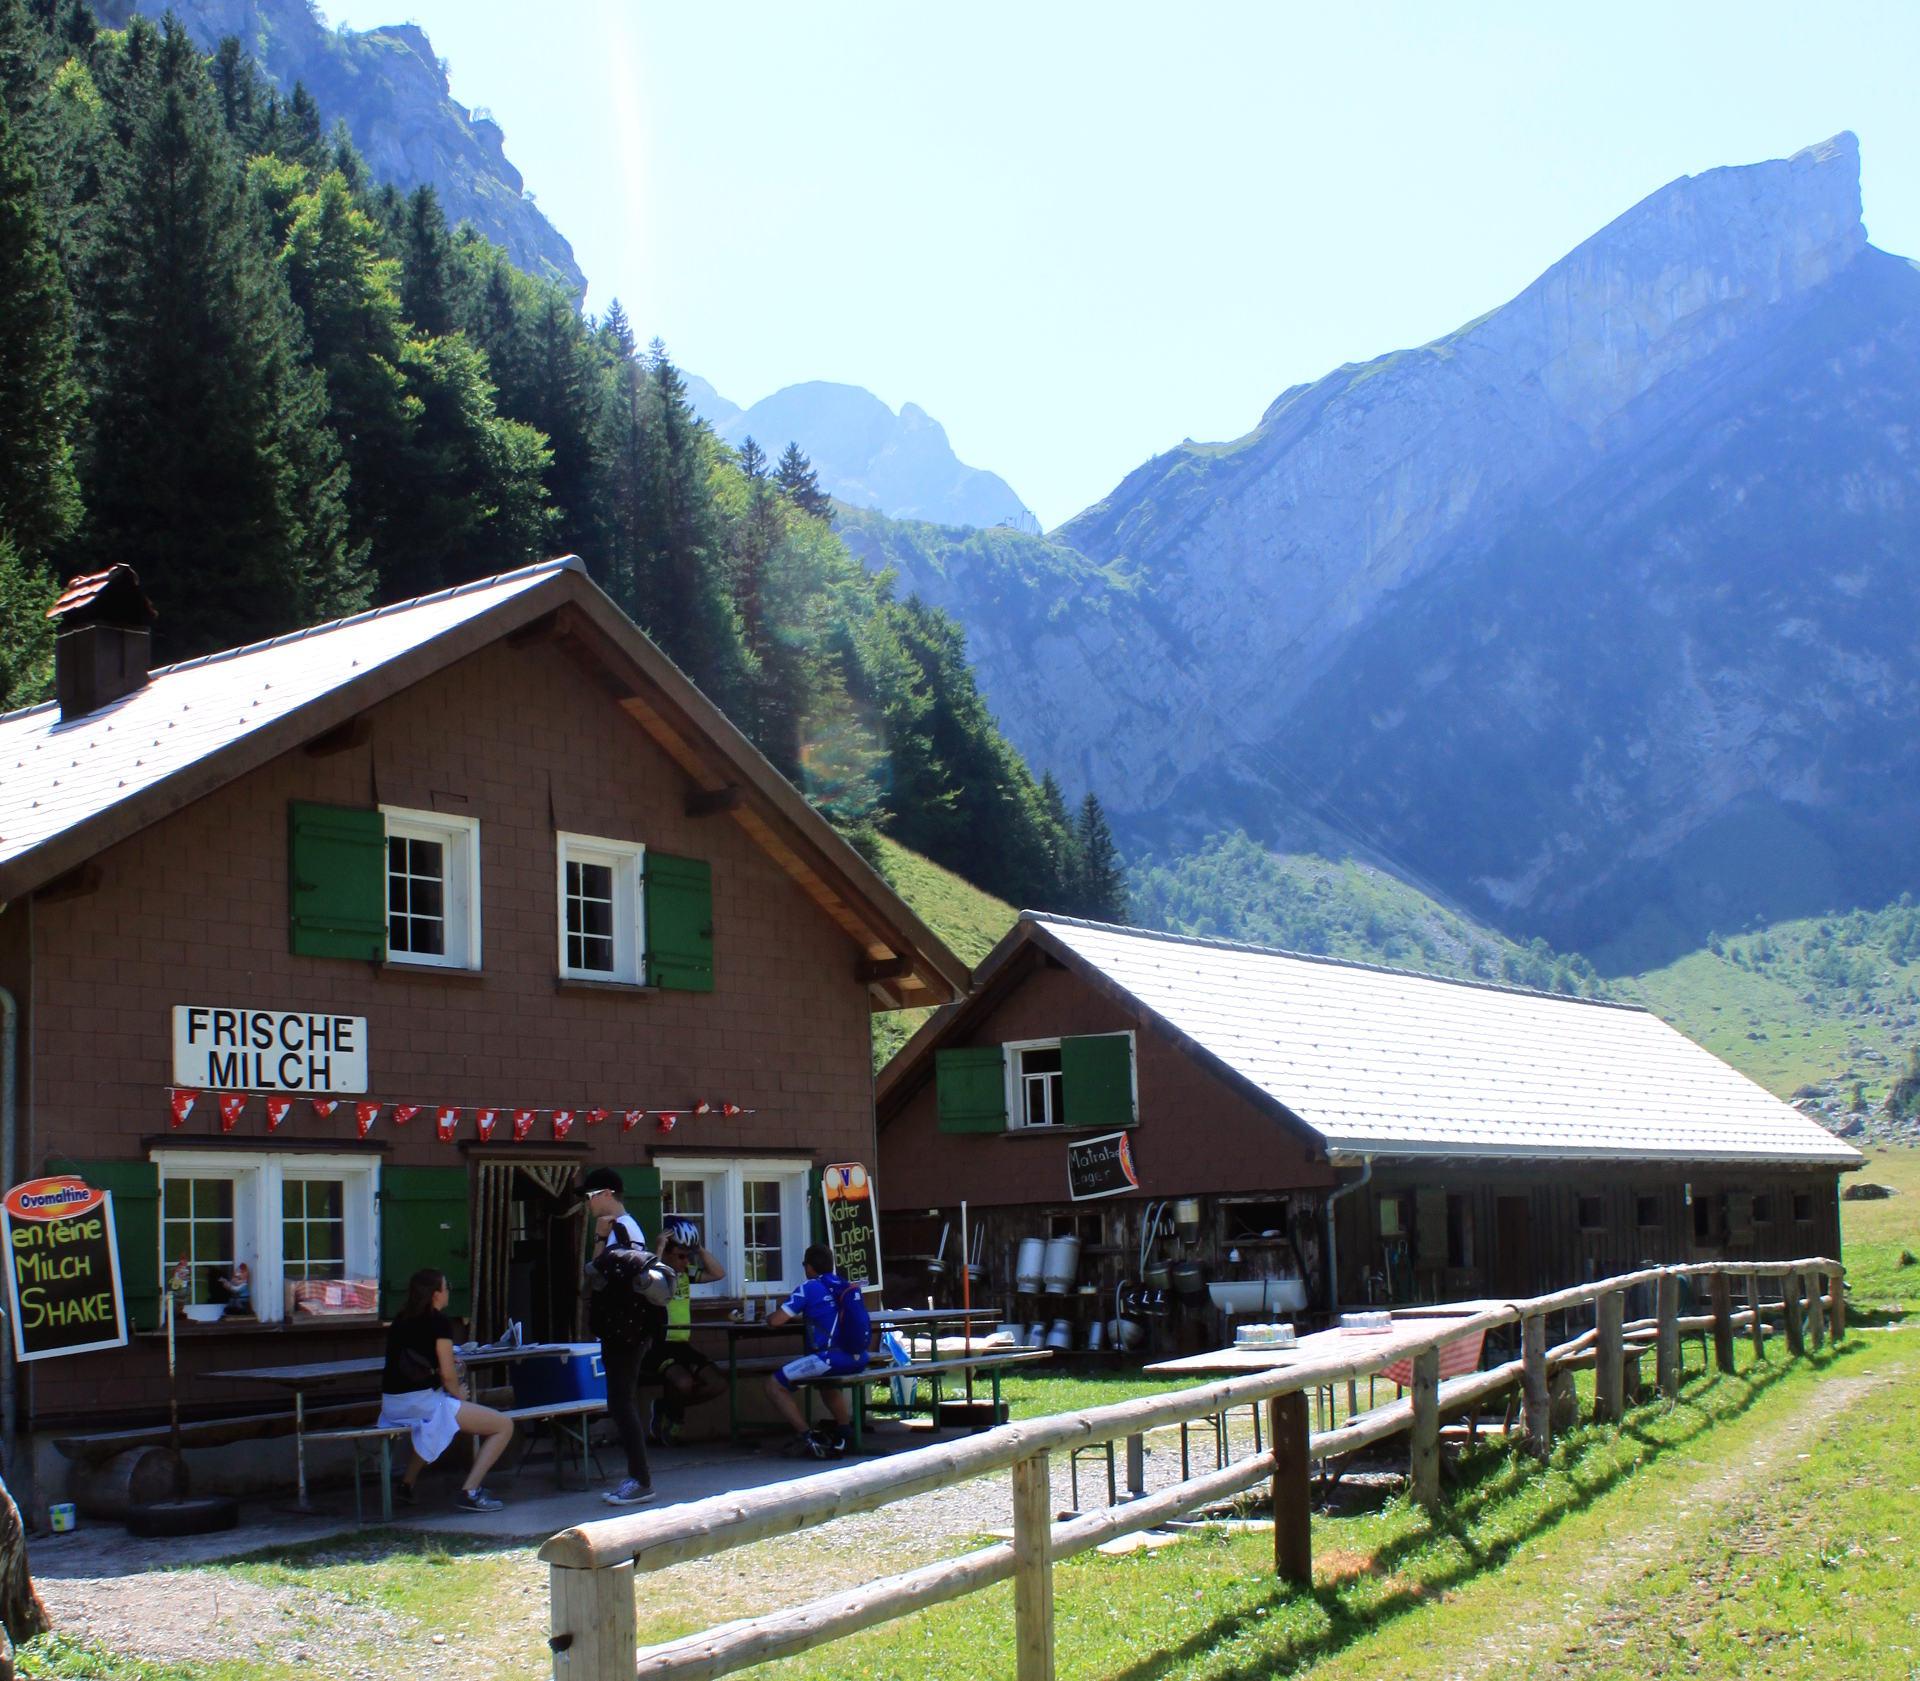 szwajcaria seealpsee alpy świeże mlek iglawpodrozy